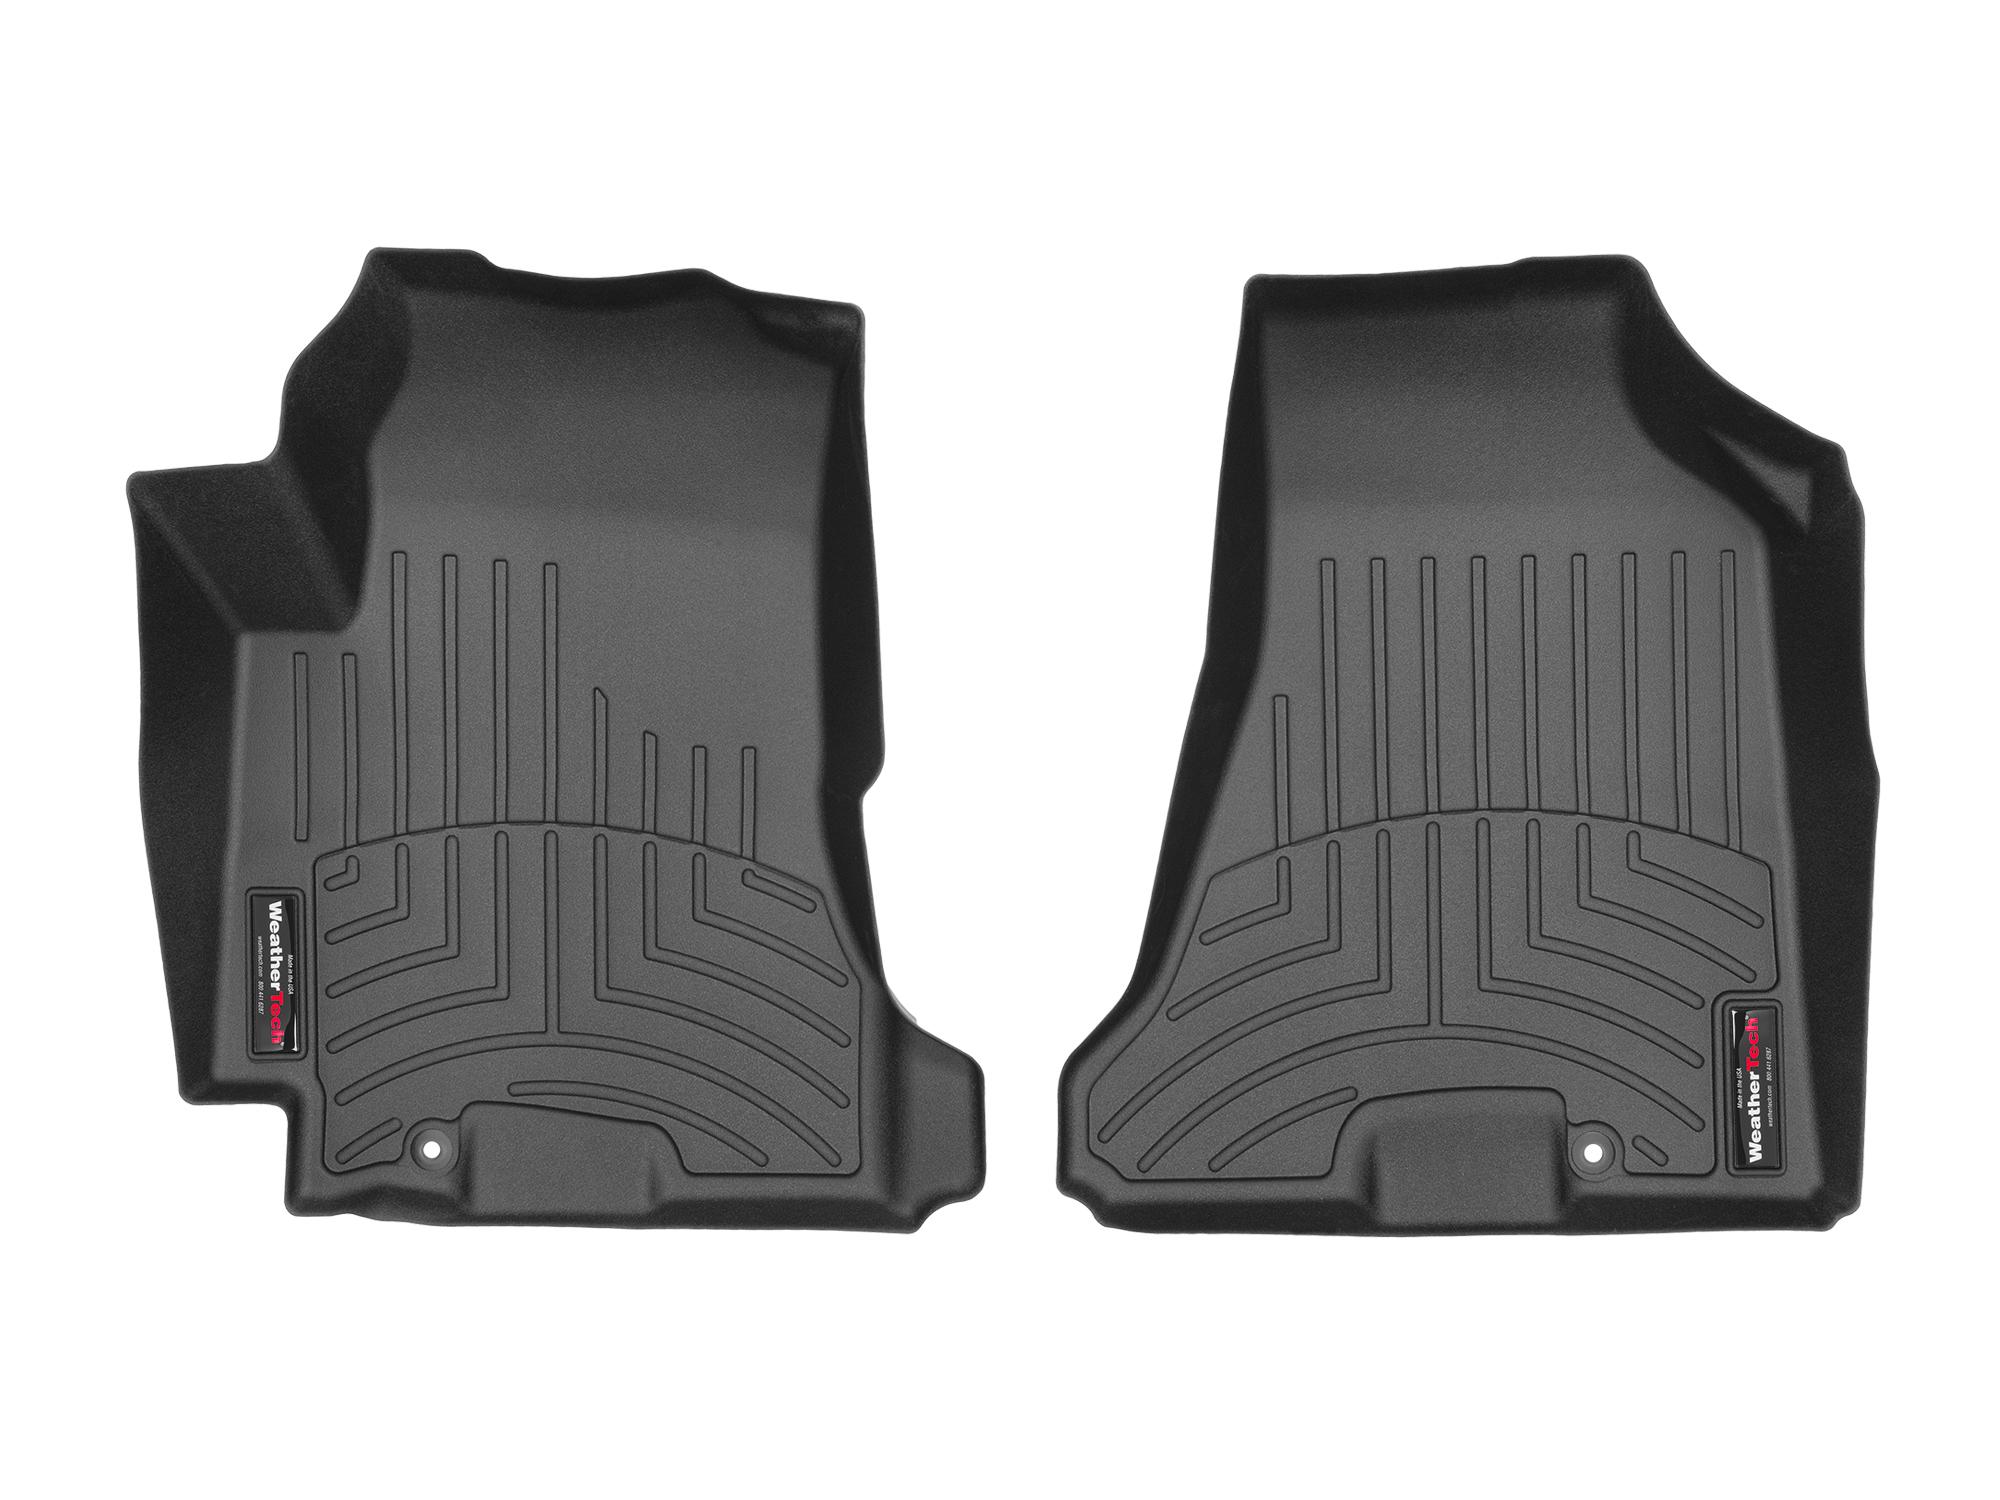 Tappeti gomma su misura bordo alto Hyundai Tucson 05>09 Nero A1497